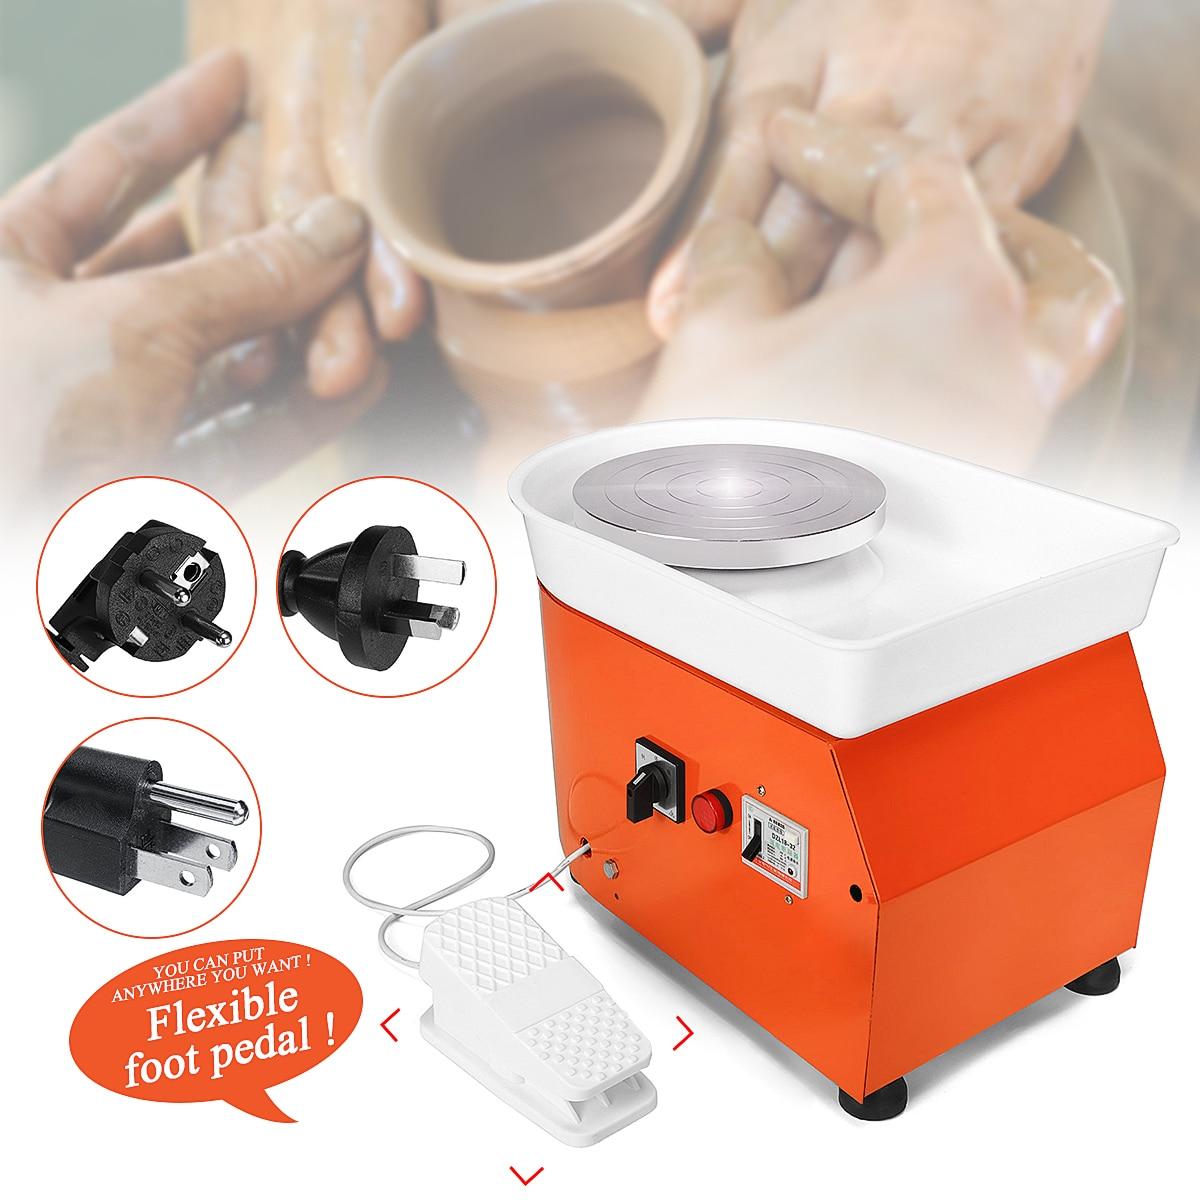 Poterie roue Machine EU/AU/US 25 cm AC 220 V 250 W Flexible pédale en céramique travail céramique argile Art avec Mobile lisse à faible bruit